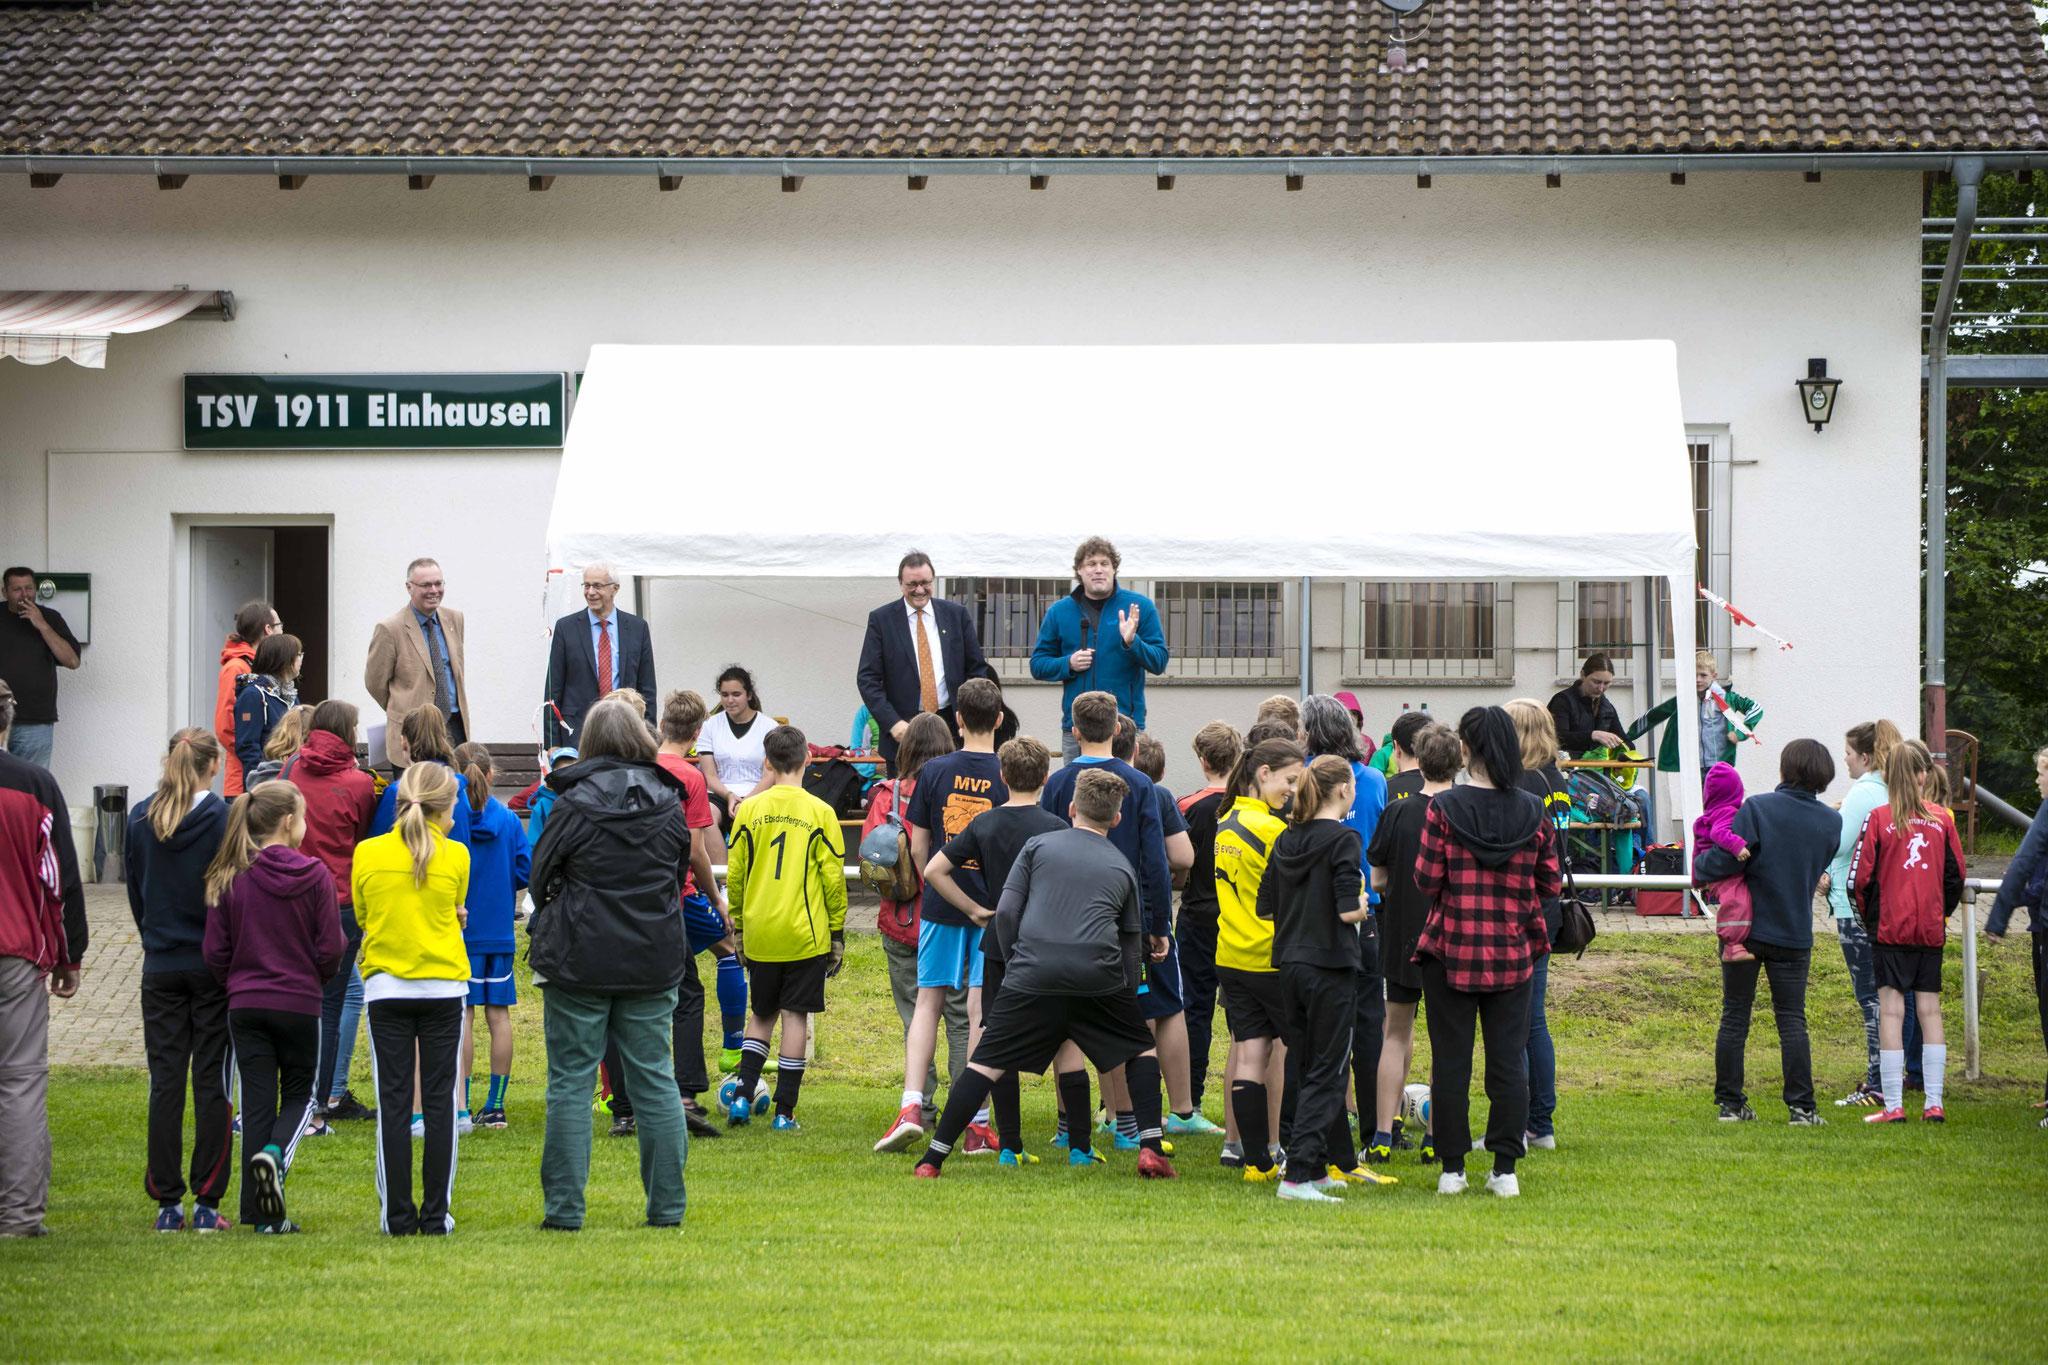 Eröffnung des Konfi-Cups mit Dekan Burkhard zur Nieden (v.l.n.r.), Propst Helmut Wöllenstein, Bischof Prof. Dr. Martin Hein, Pfr. Dr. Matti Schindehütte